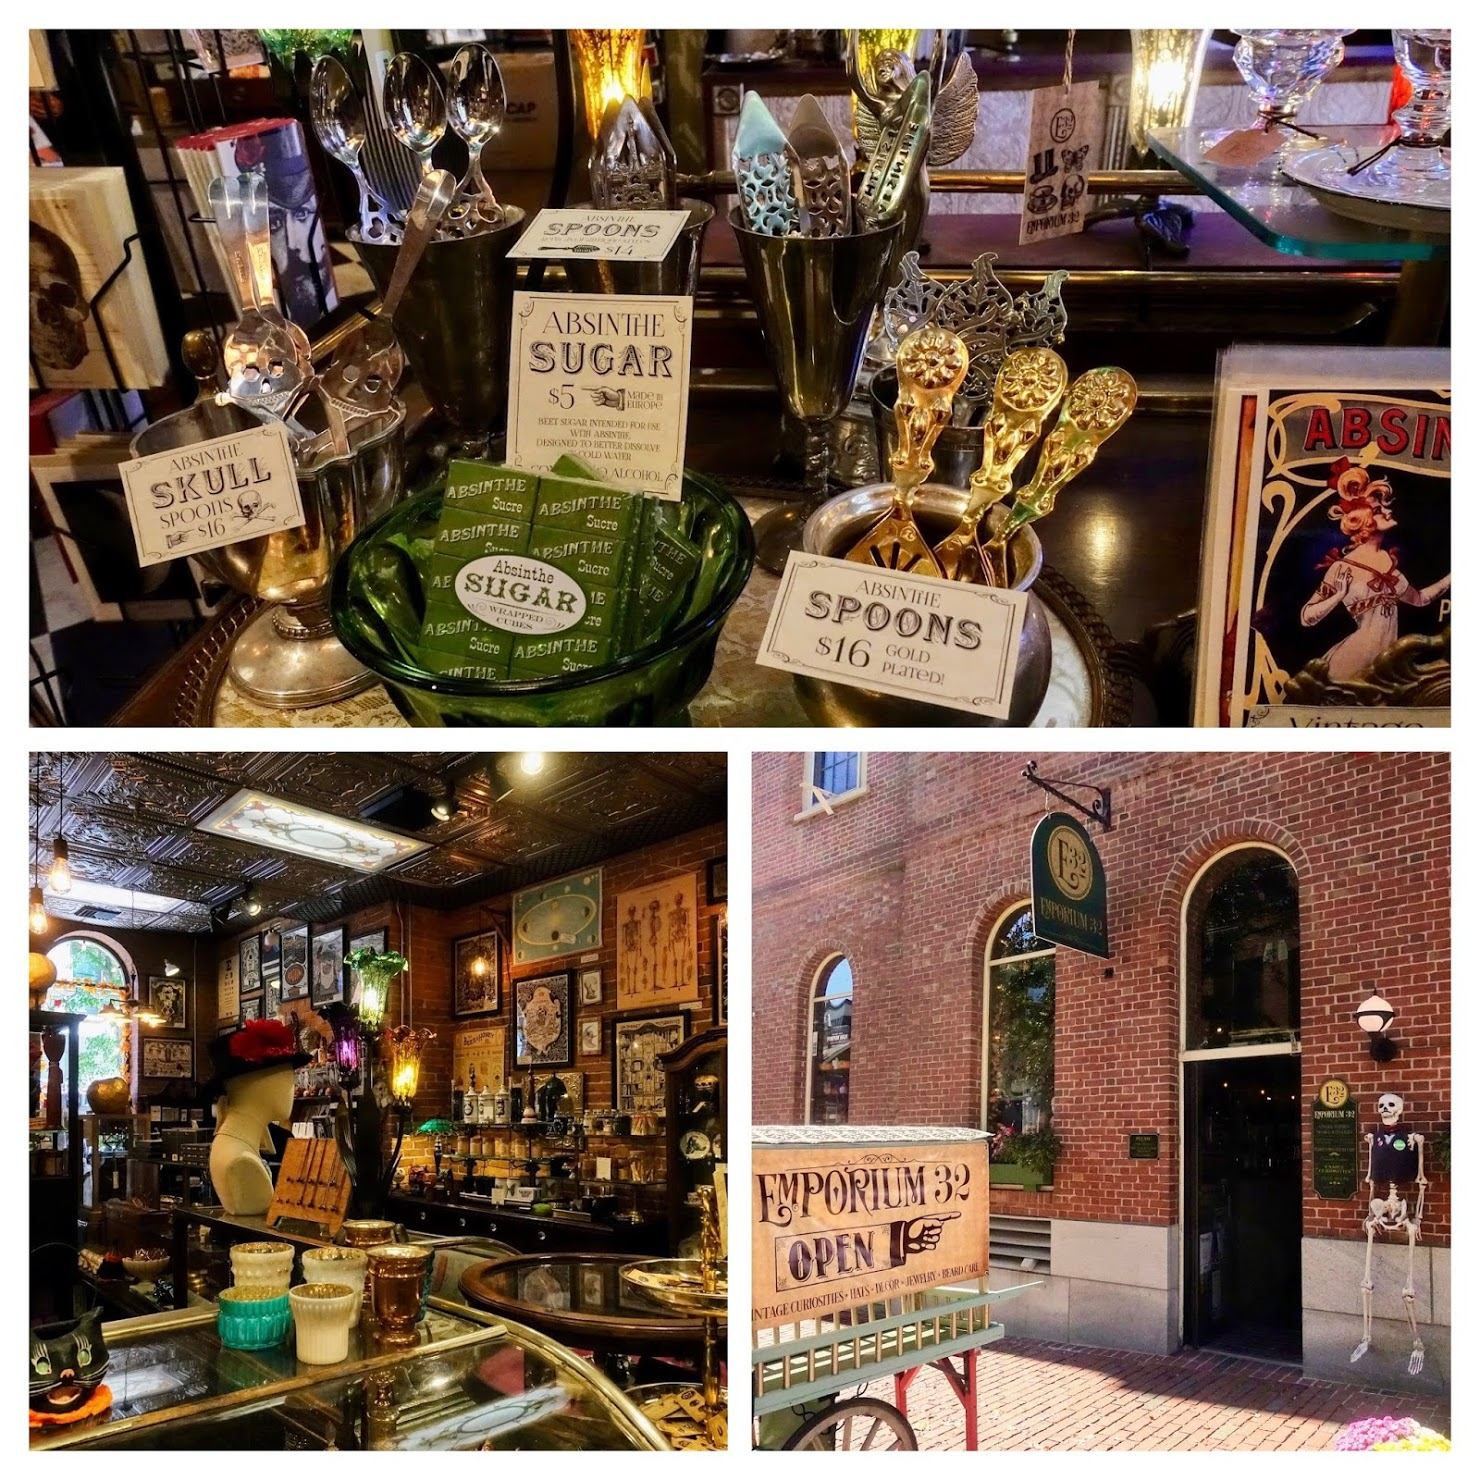 Emporium 32 in Salem met vintage spullen zoals oude hoeden, juwelen, posters en absinthe-lepels